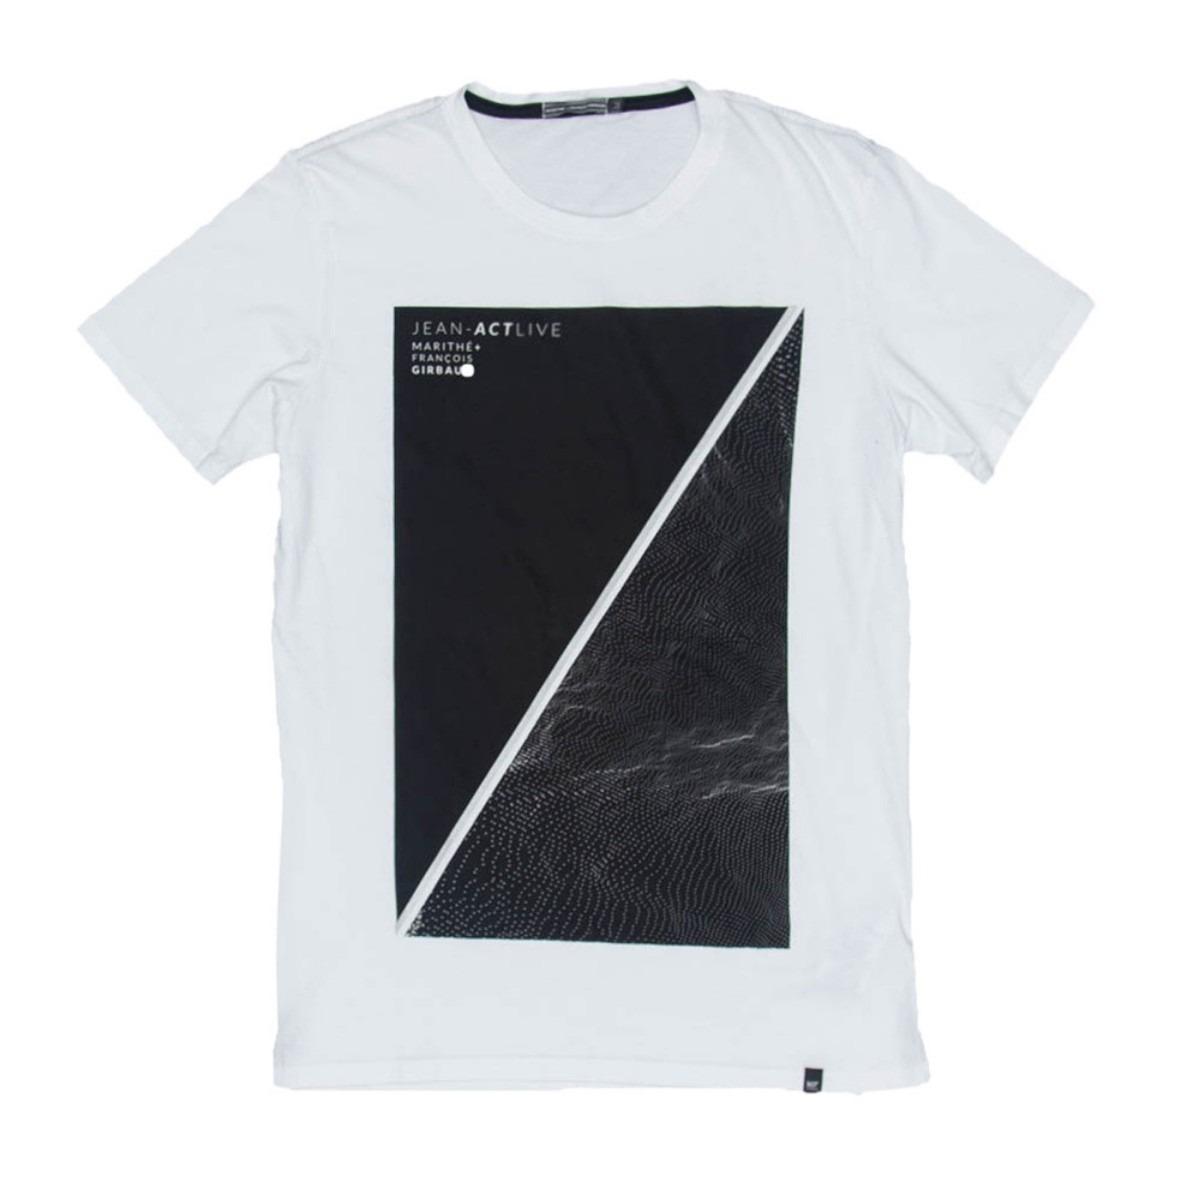 848816c360 Camiseta M. De Marithe + Francois Girbaud Para Hombre - U S 39